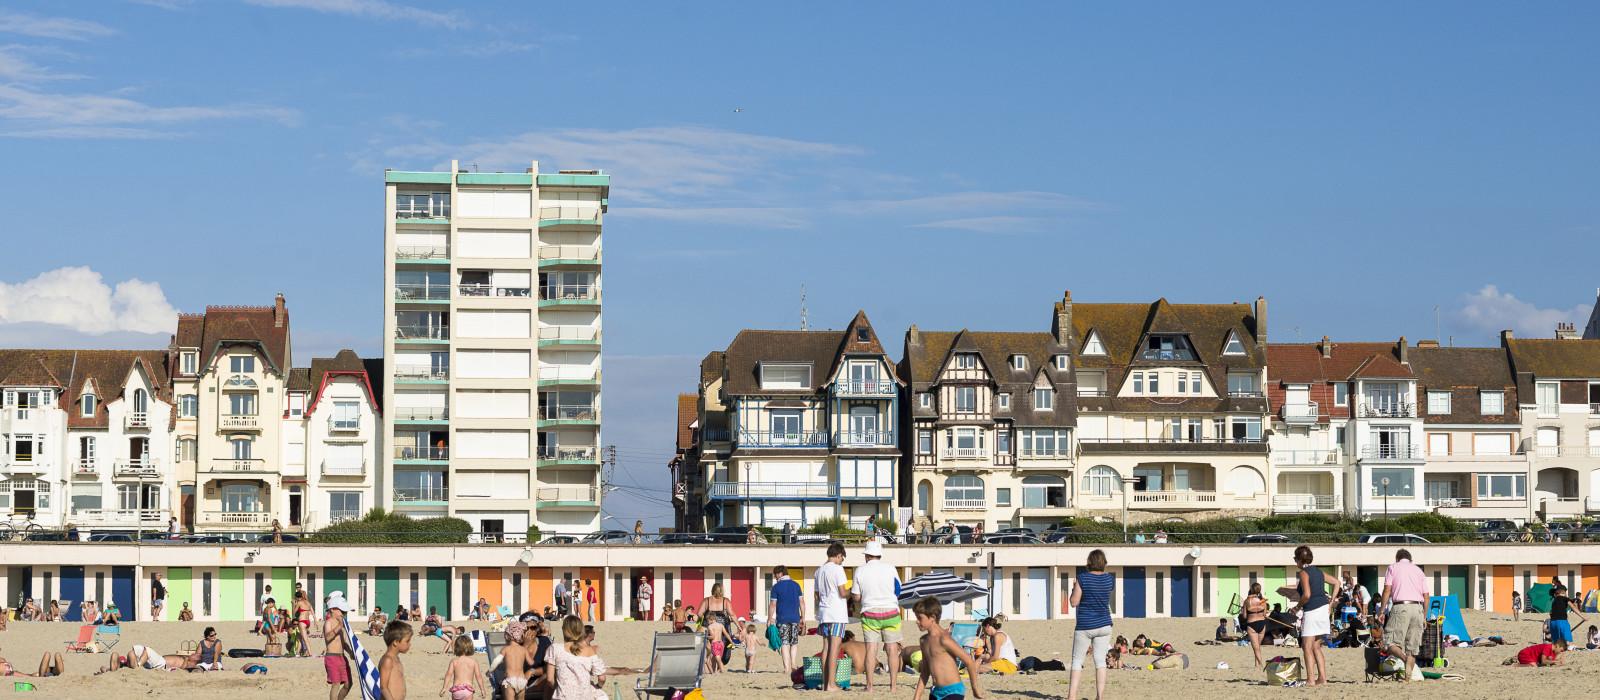 Visiter le touquet paris plage cucq stella plage que - Office du tourisme le touquet paris plage ...